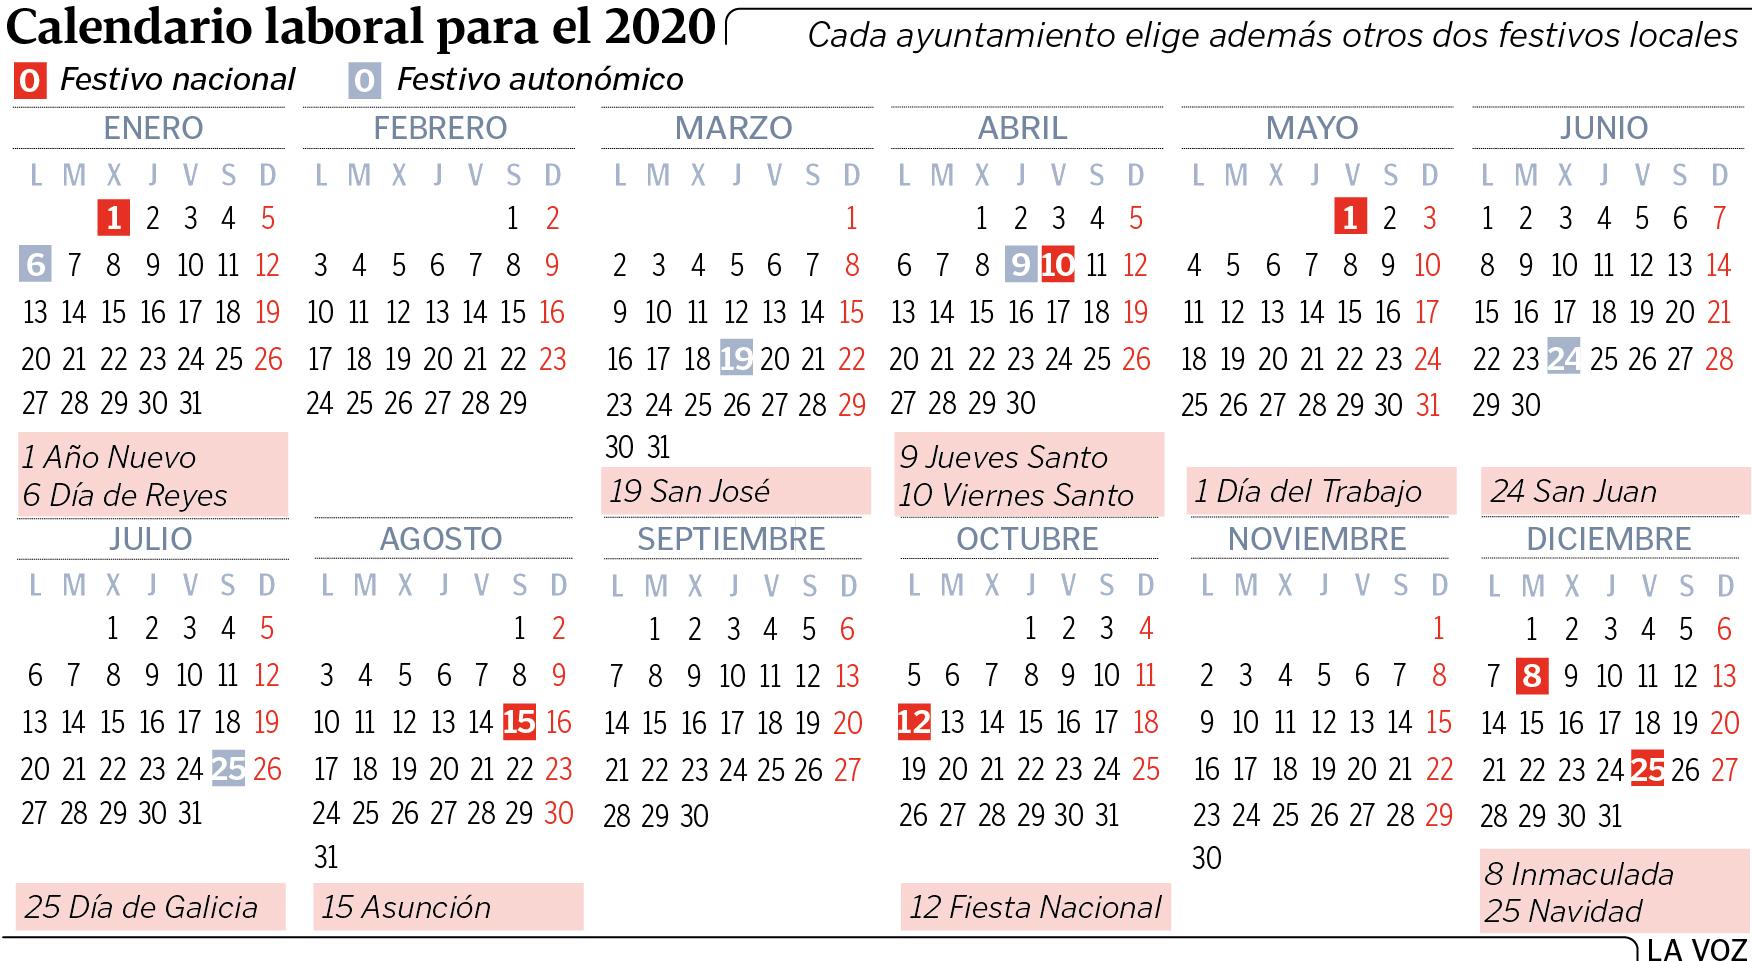 Calendario Laboral 2020 Galicia Doga.Estos Seran Los Festivos En Galicia En El 2020